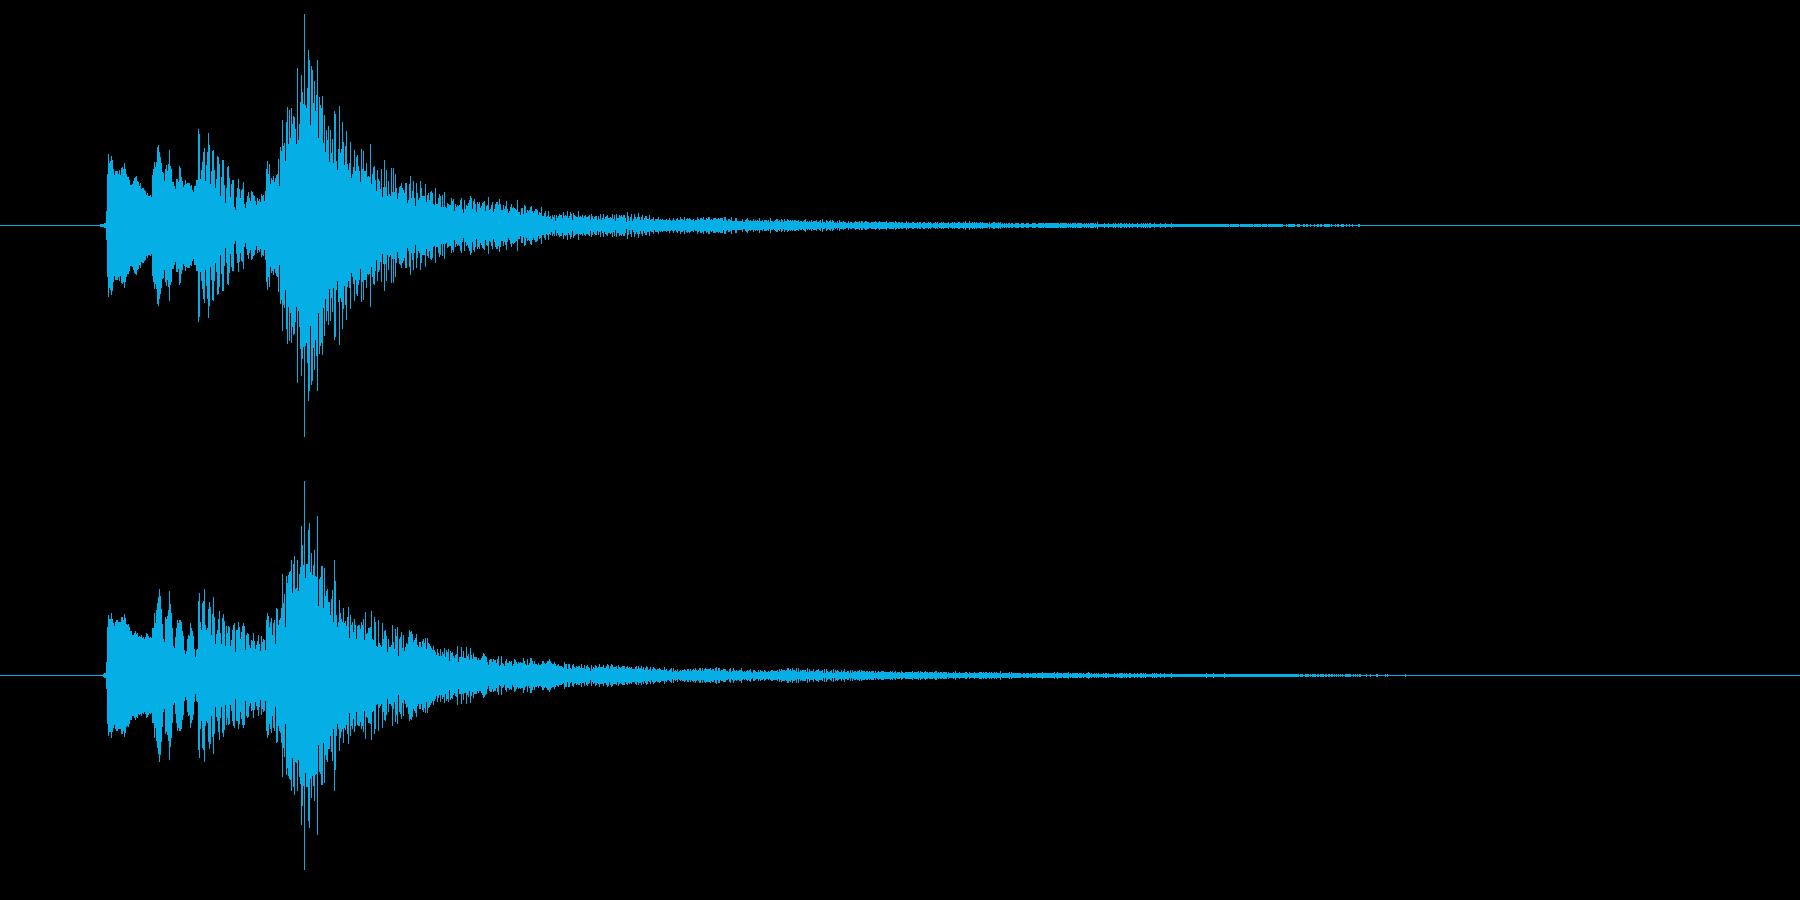 8秒のピアノの寂しげなサウンドロゴの再生済みの波形